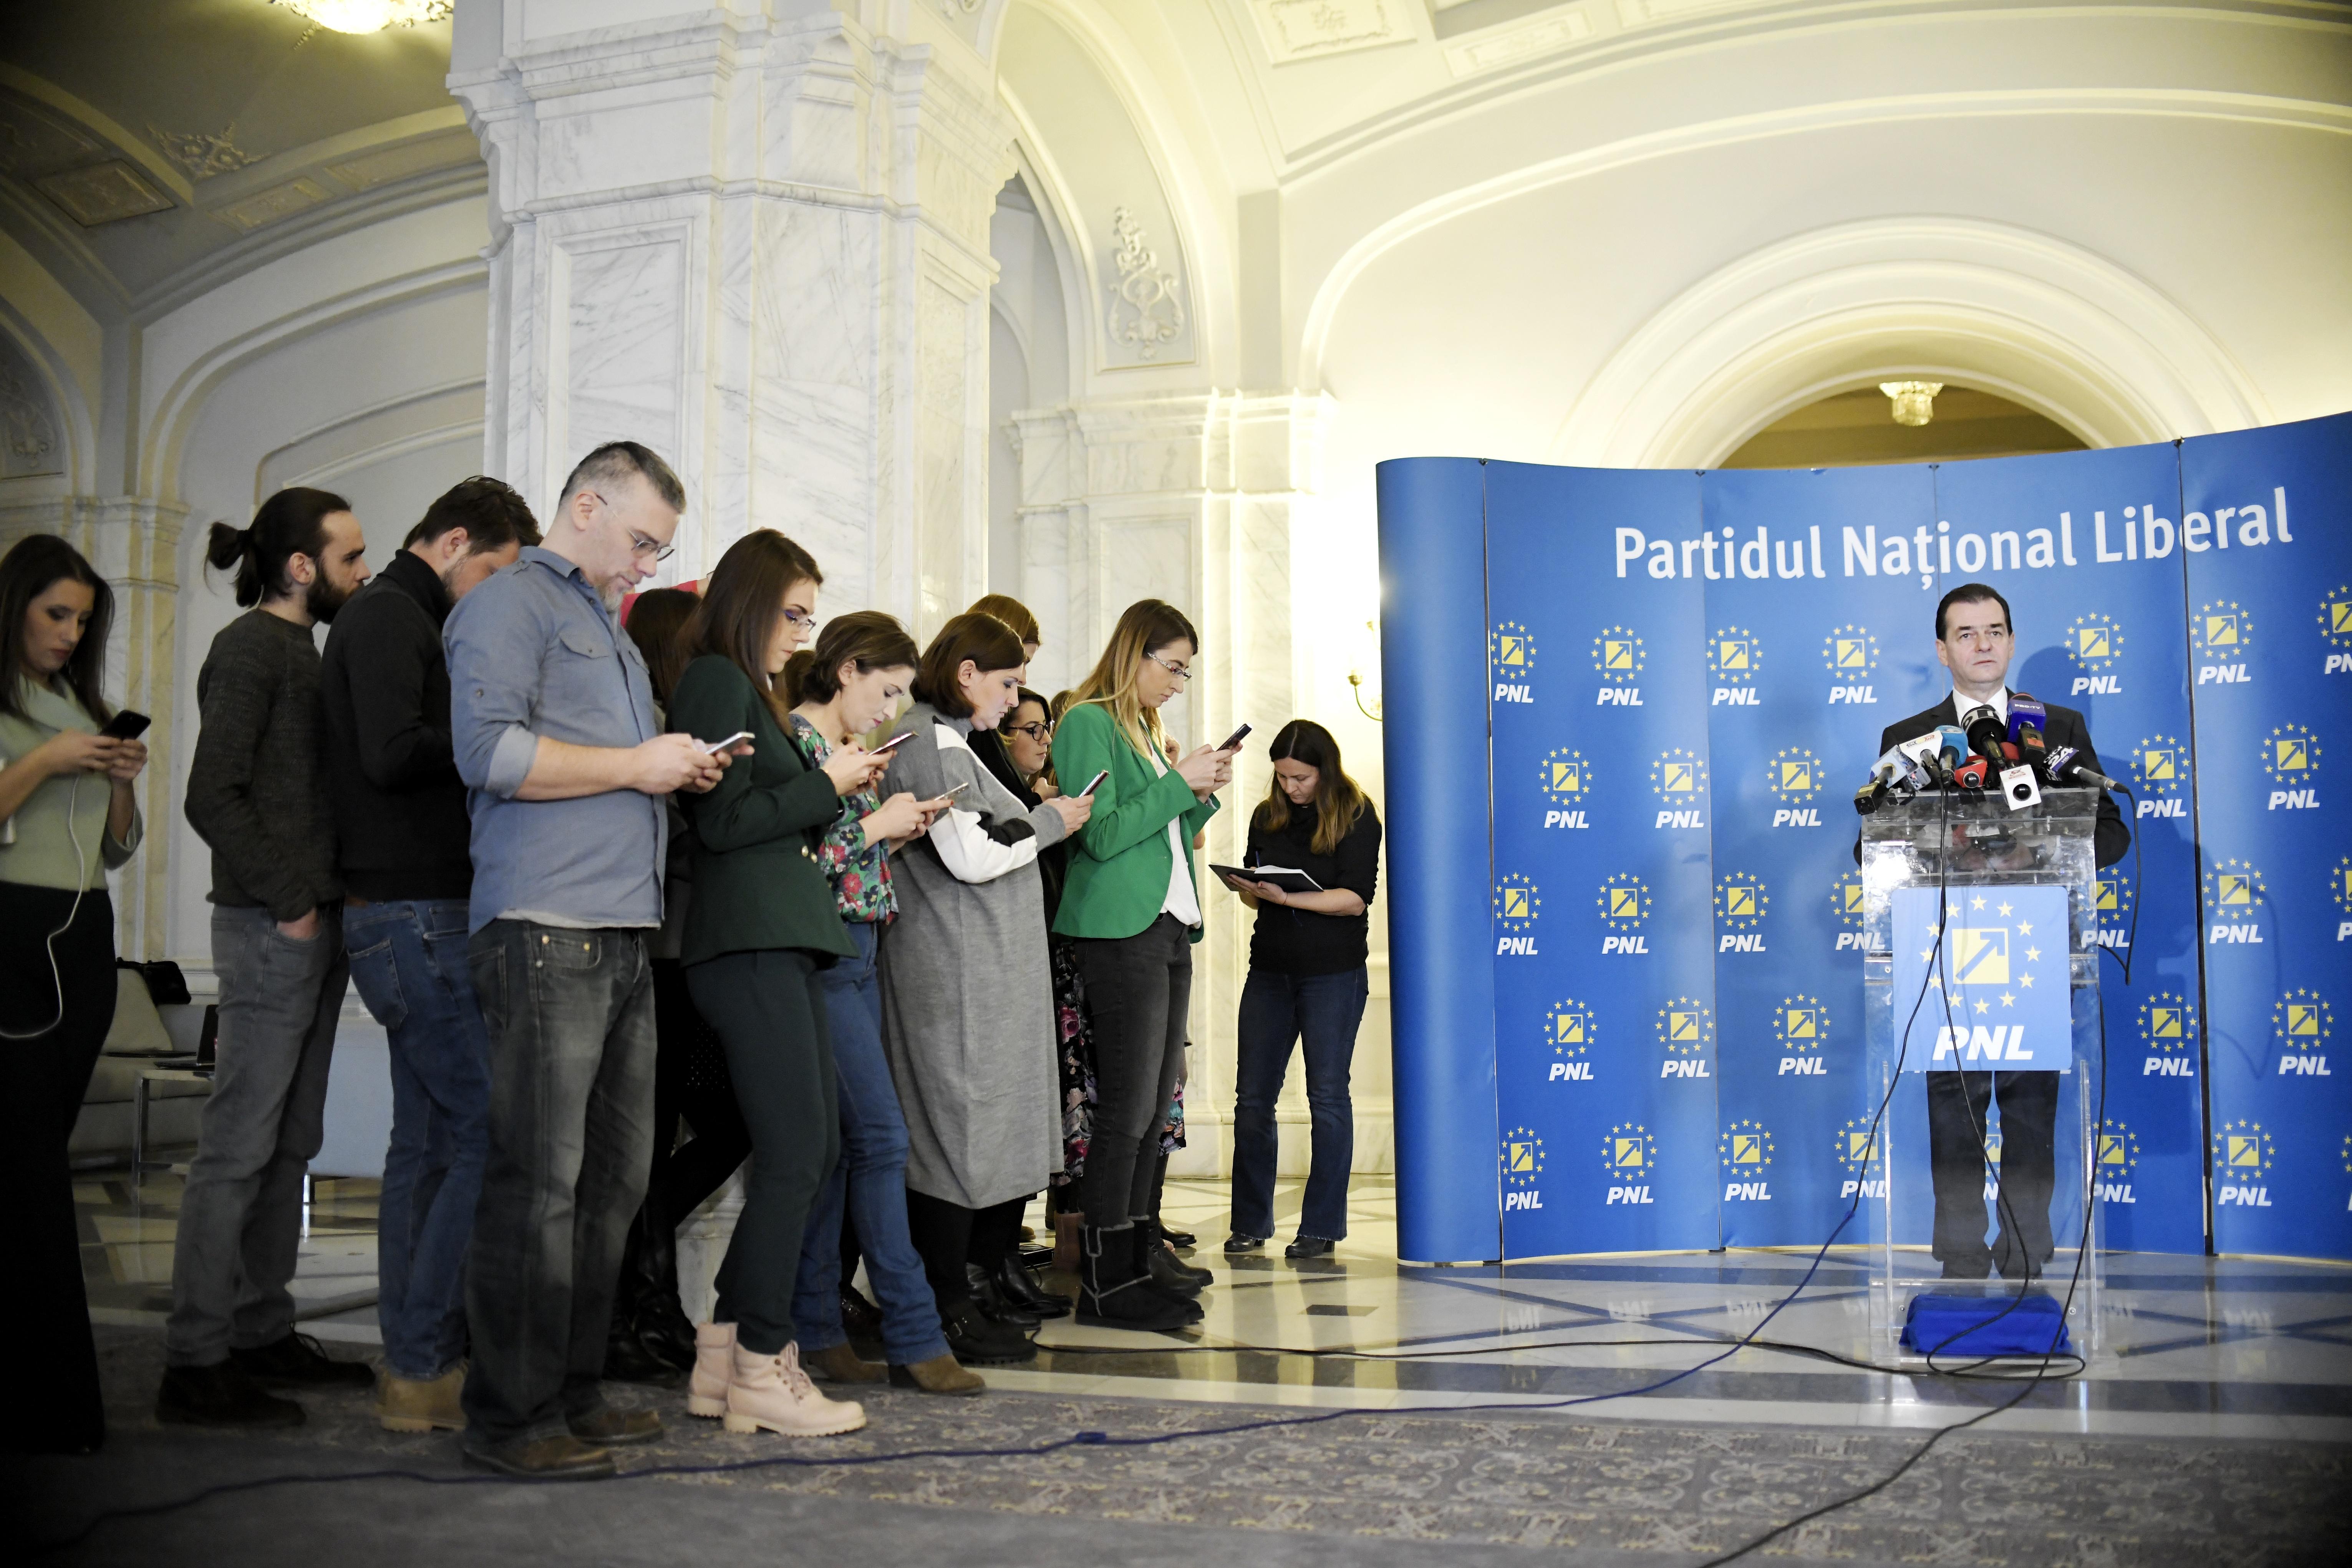 PNL câştigă la votul politic în Bucureşti. Sondaj CURS, înainte ca Nicuşor Dan să fie anunţat de PNL